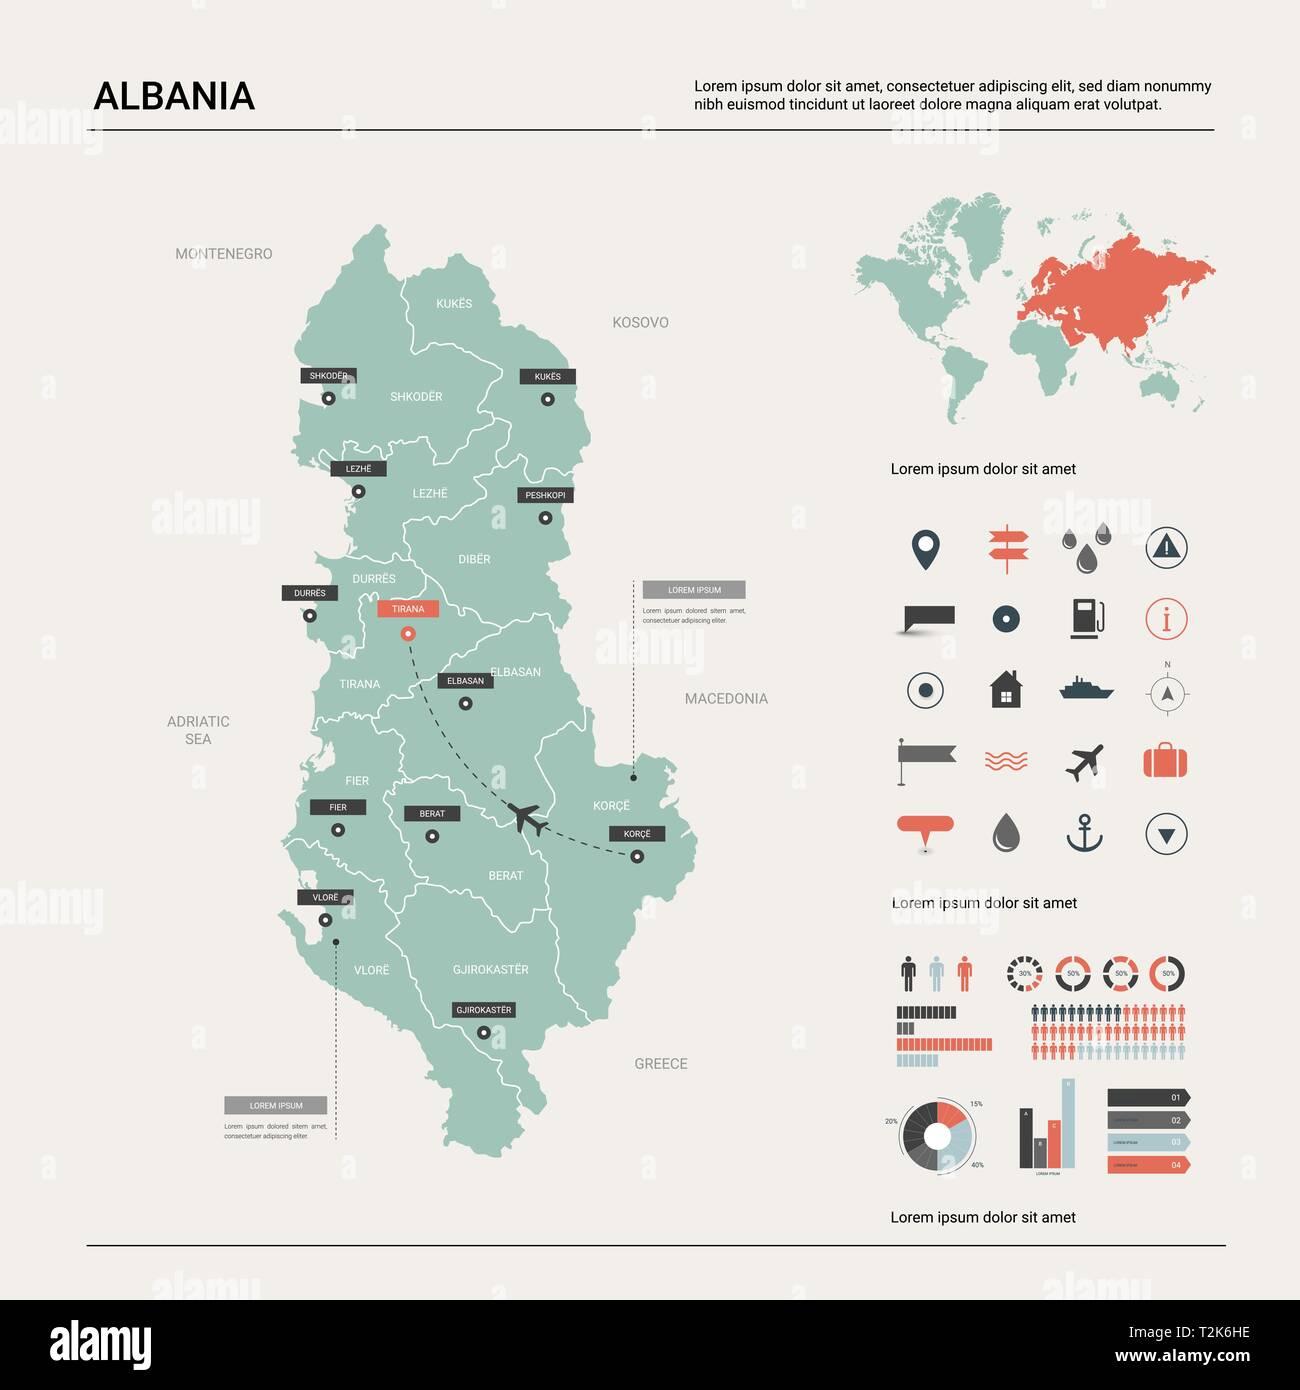 Karte Albanien.Vektor Karte Von Albanien Hoch Detaillierte Landkarte Mit Abteilung